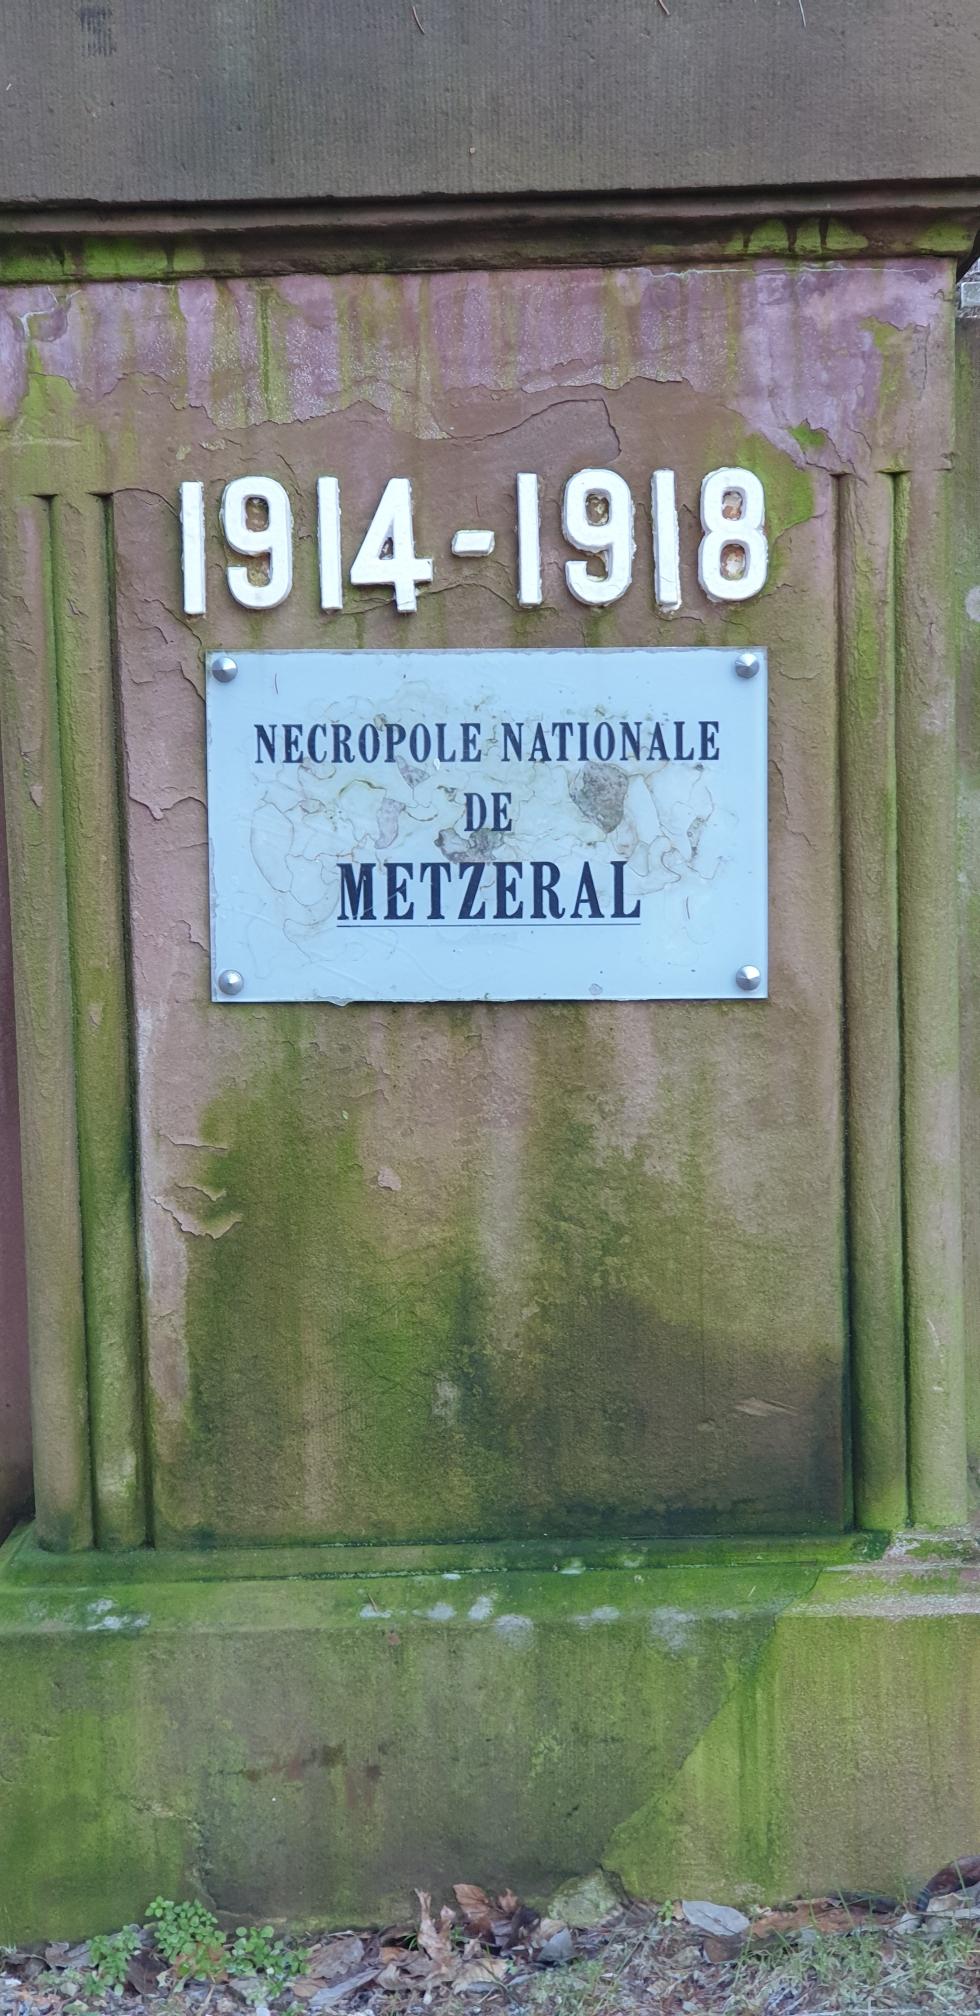 Necropole Metzeral